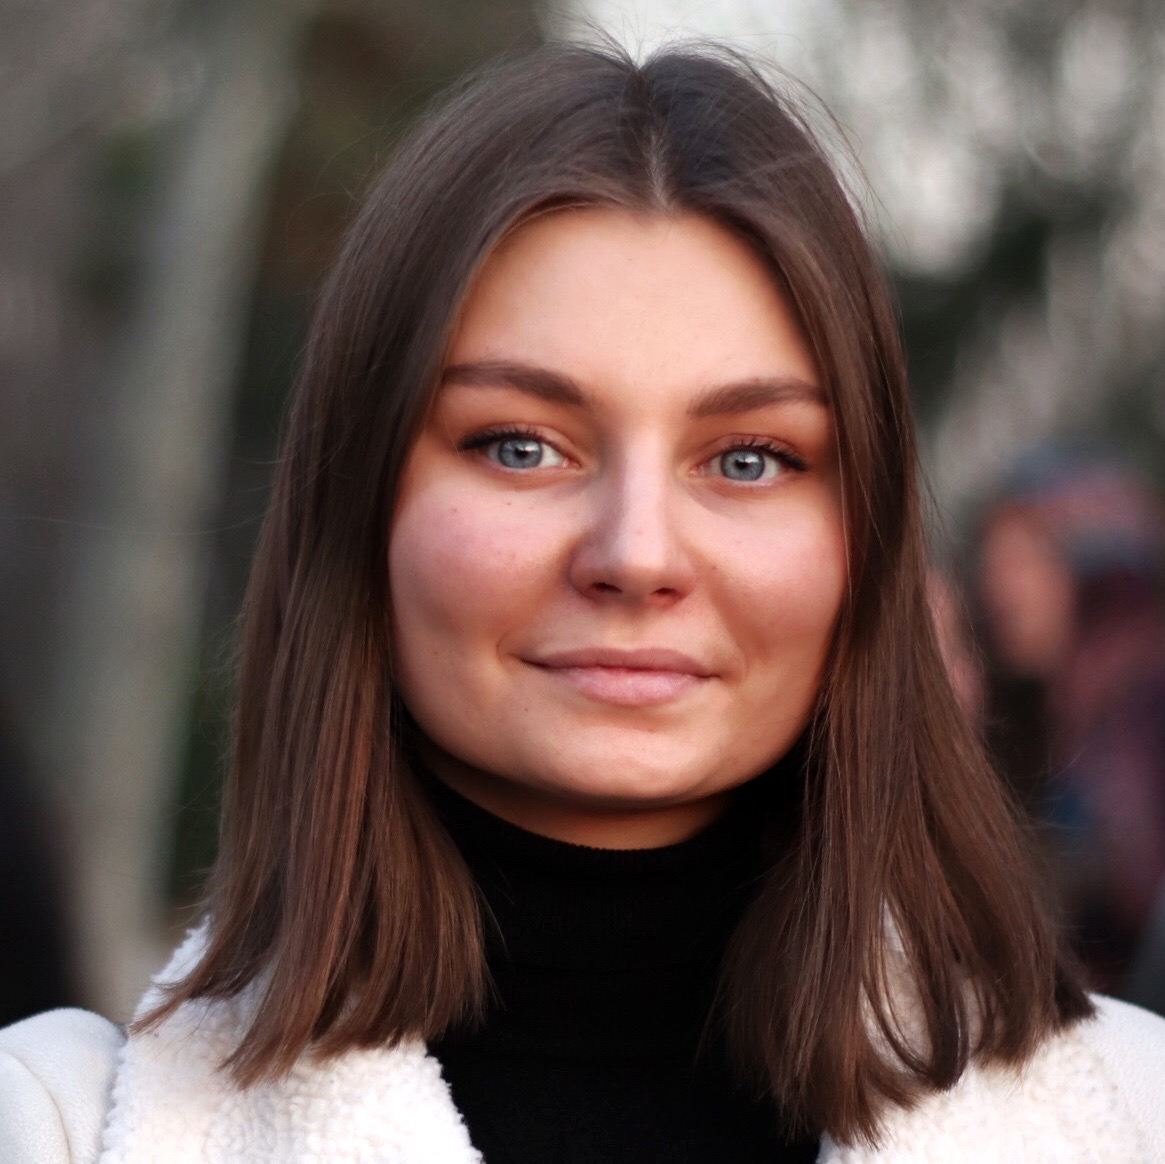 Arina Loginova